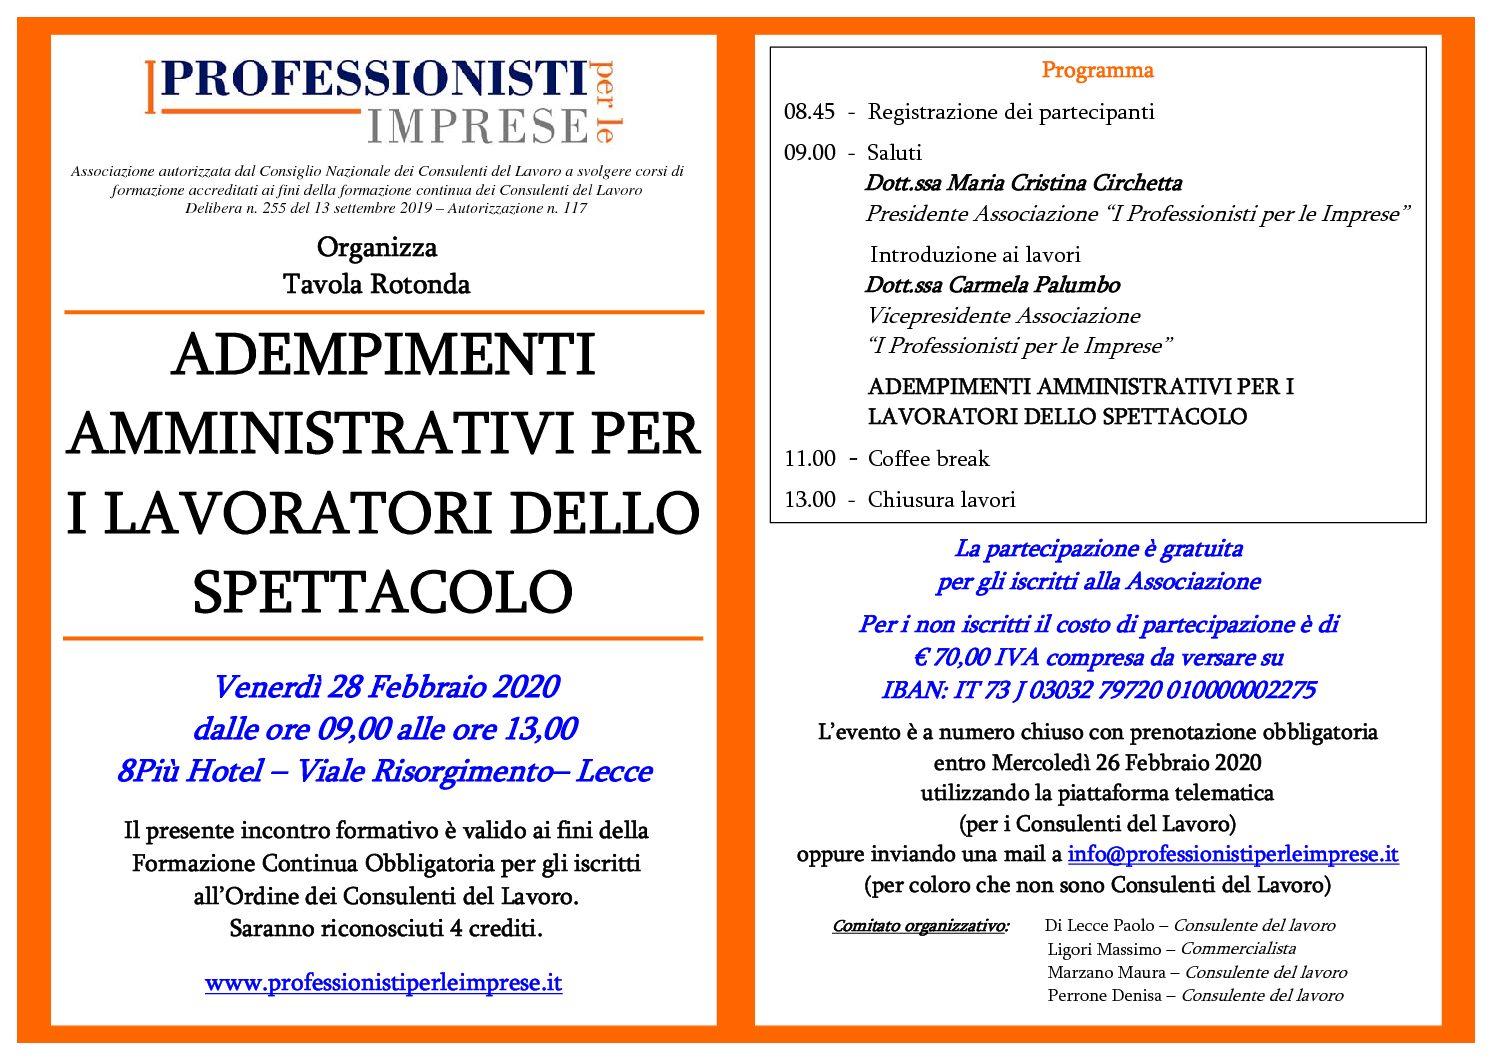 """Tavola Rotonda """"ADEMPIMENTI AMMINISTRATIVI PER I LAVORATORI DELLO SPETTACOLO"""" - Venerdì 28 Febbraio 2020"""